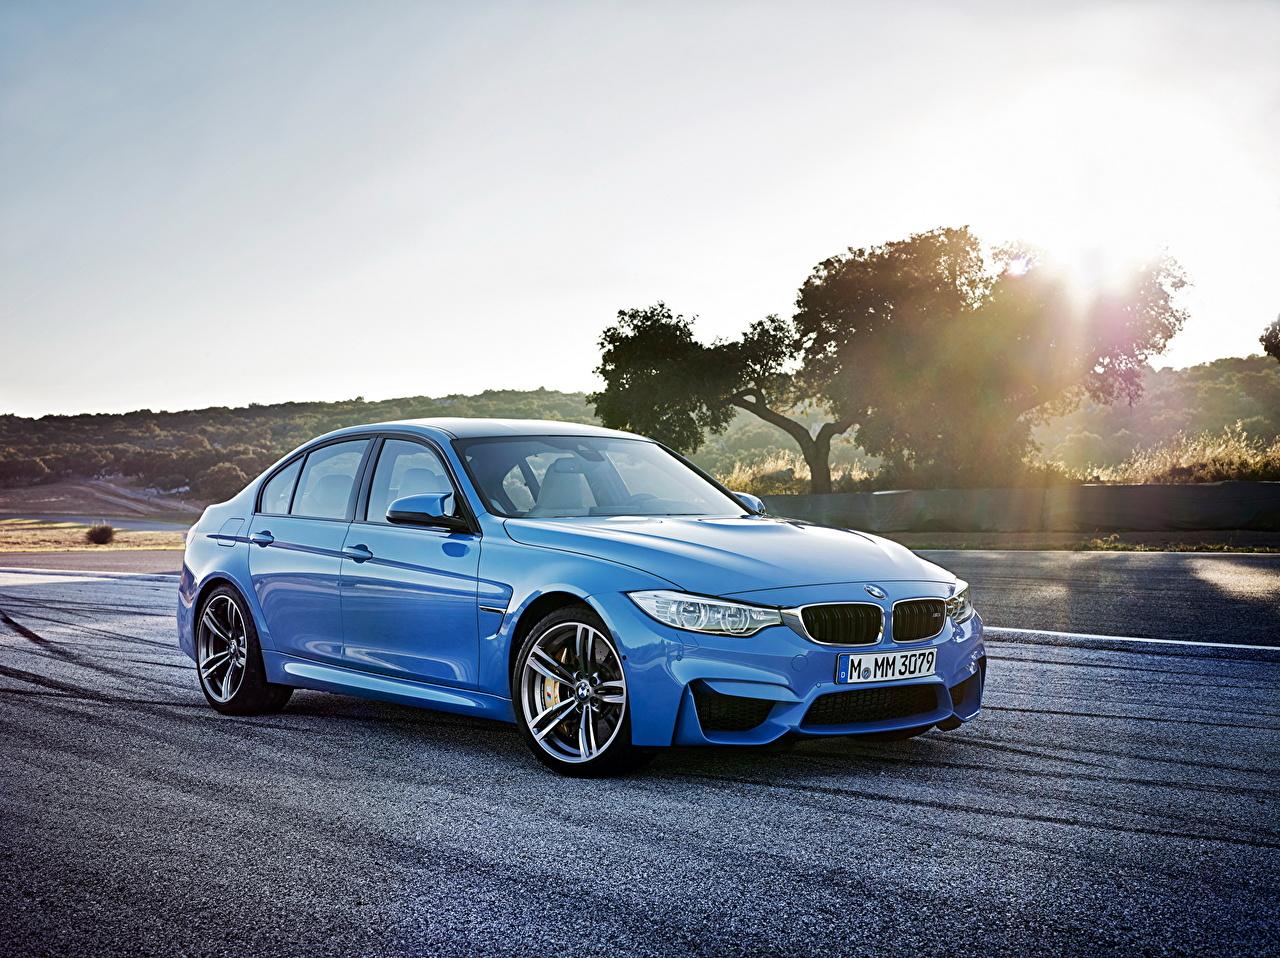 Image BMW 2014 M3 Light Blue Roads Cars auto automobile